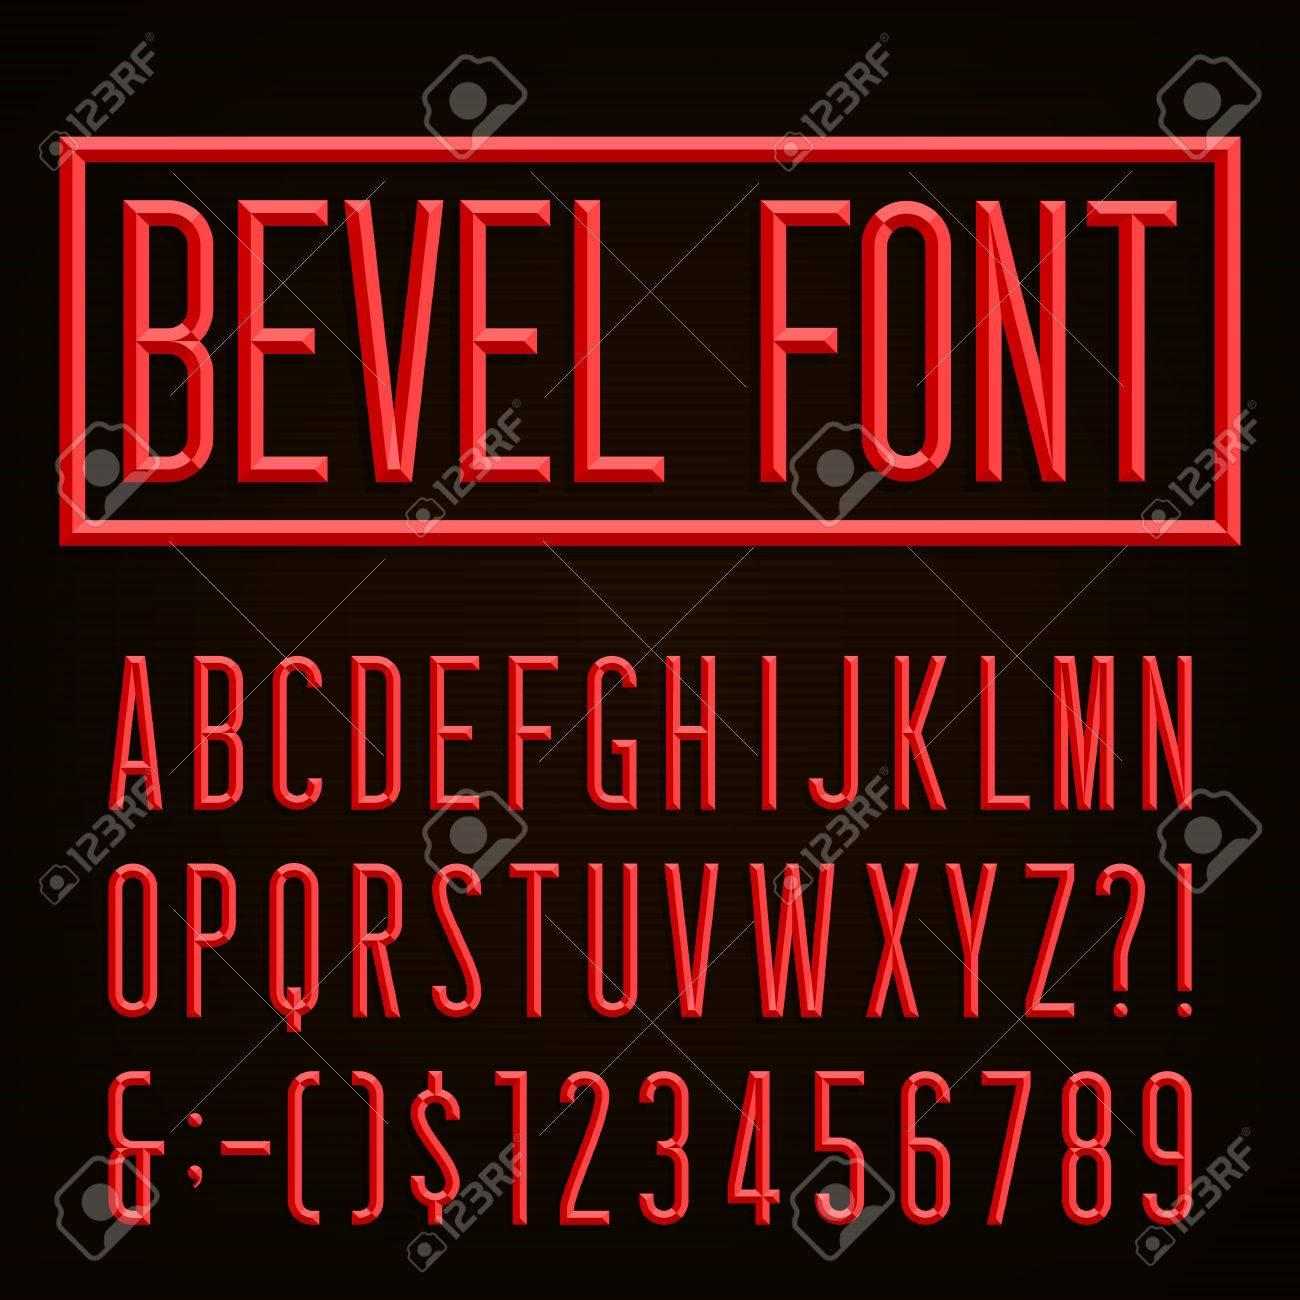 Retro Beveled Narrow Font Vector Alphabet Beveled Narrow Block